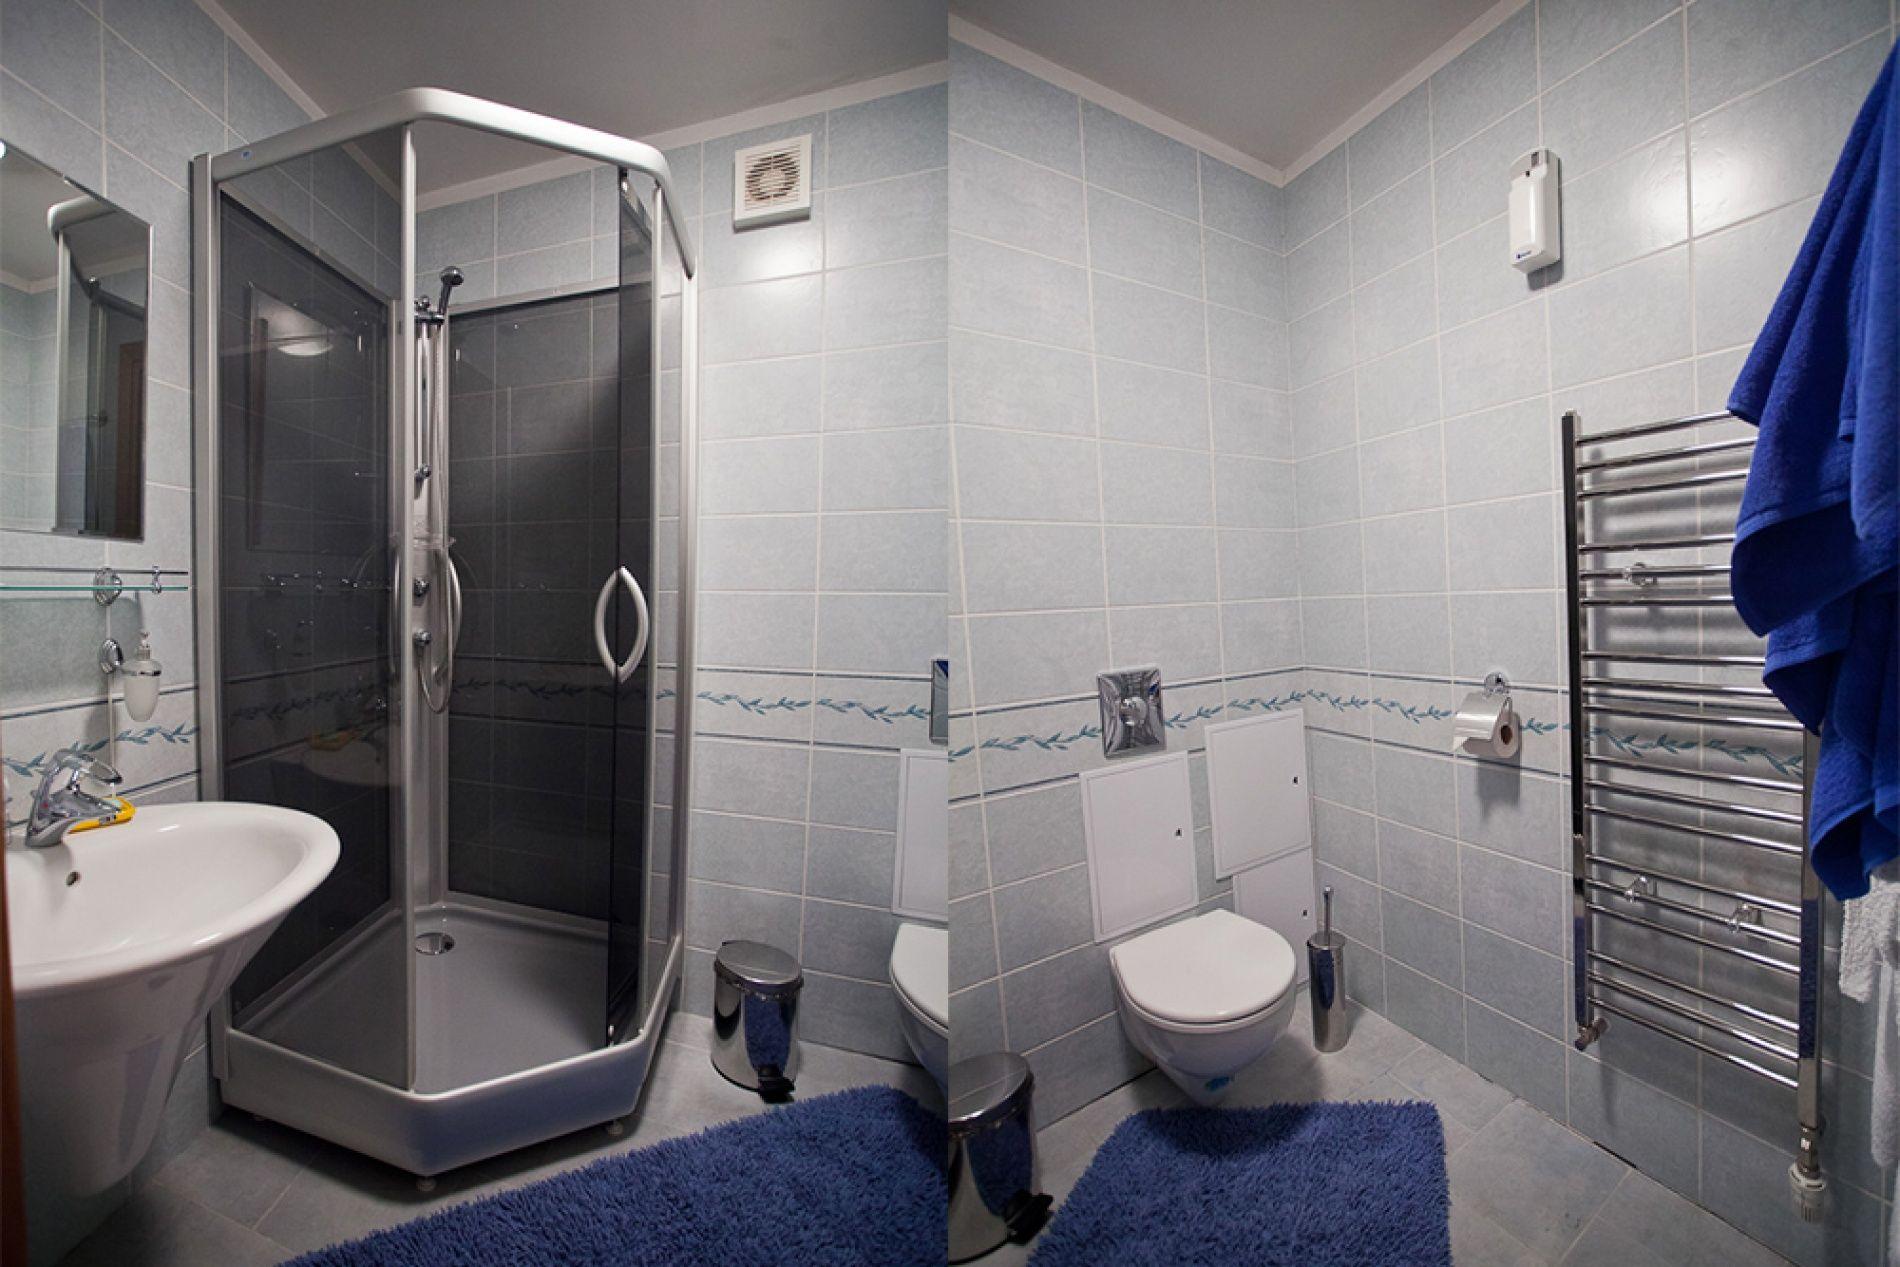 """Загородный отель """"Green Park Hotel"""" Красноярский край 2-комнатный номер Люкс, фото 2"""